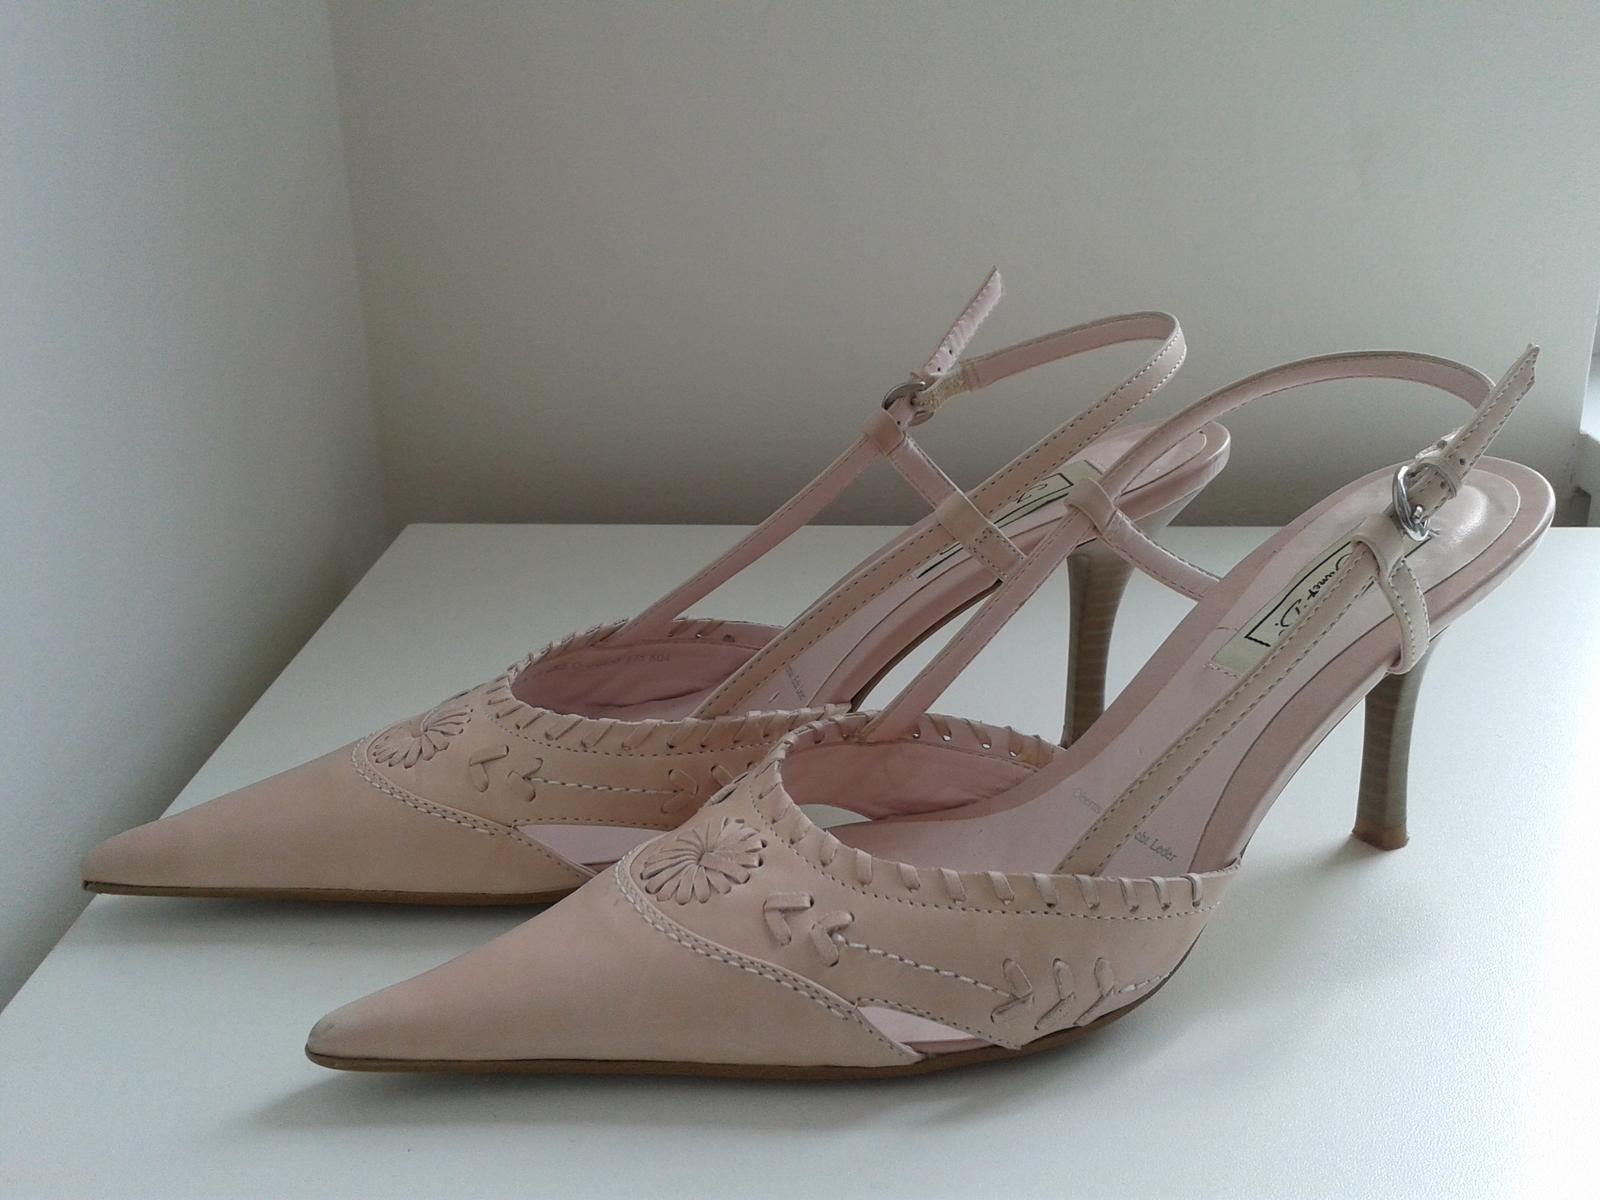 Elegantní jarní/letní lodičky, barva nádech růžové - Obrázek č. 2